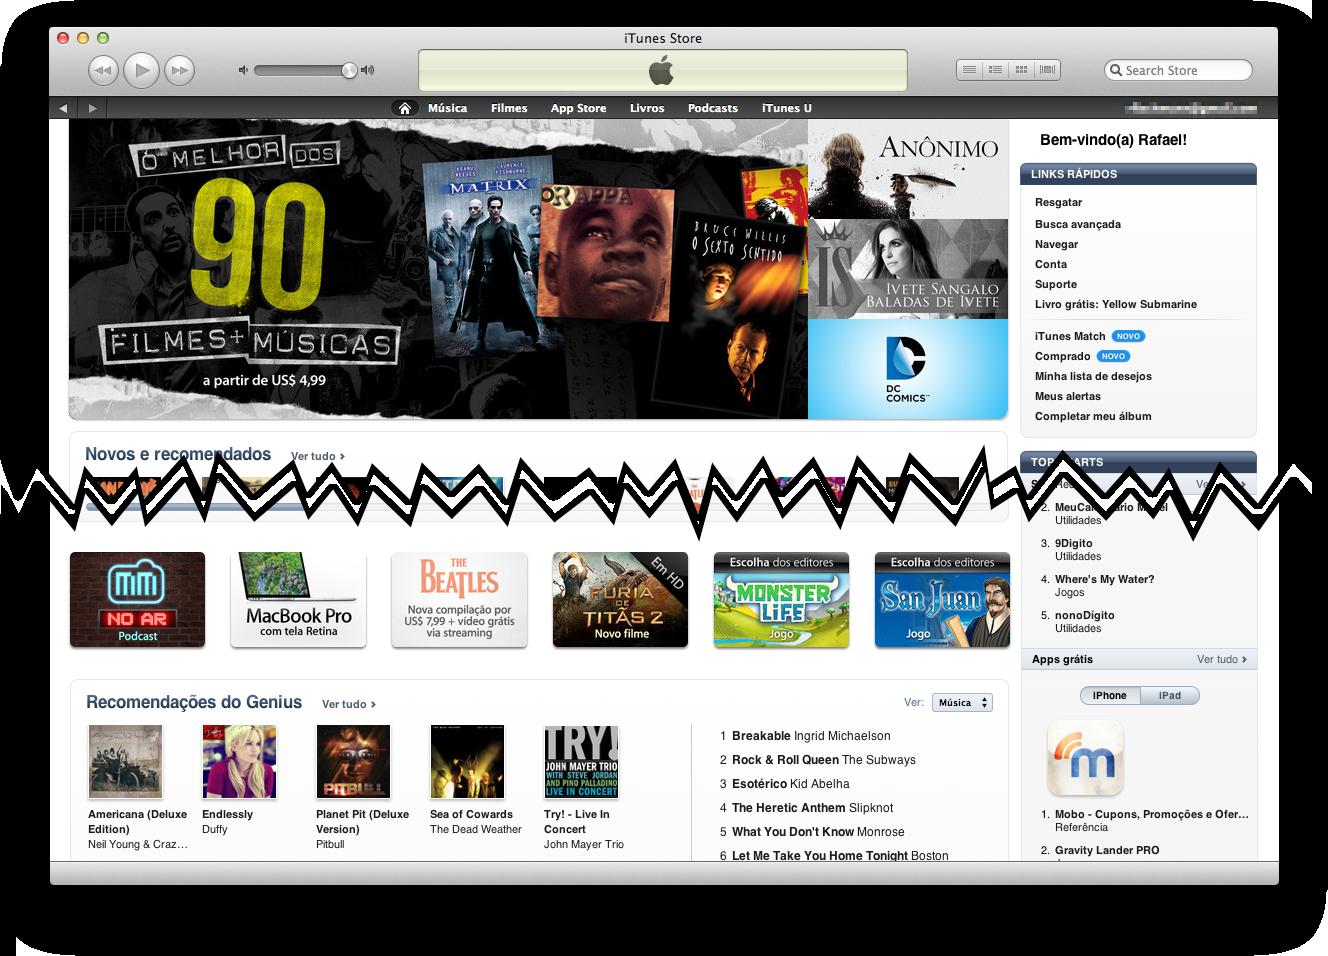 MacMagazine no Ar na home da iTunes Store brasileira